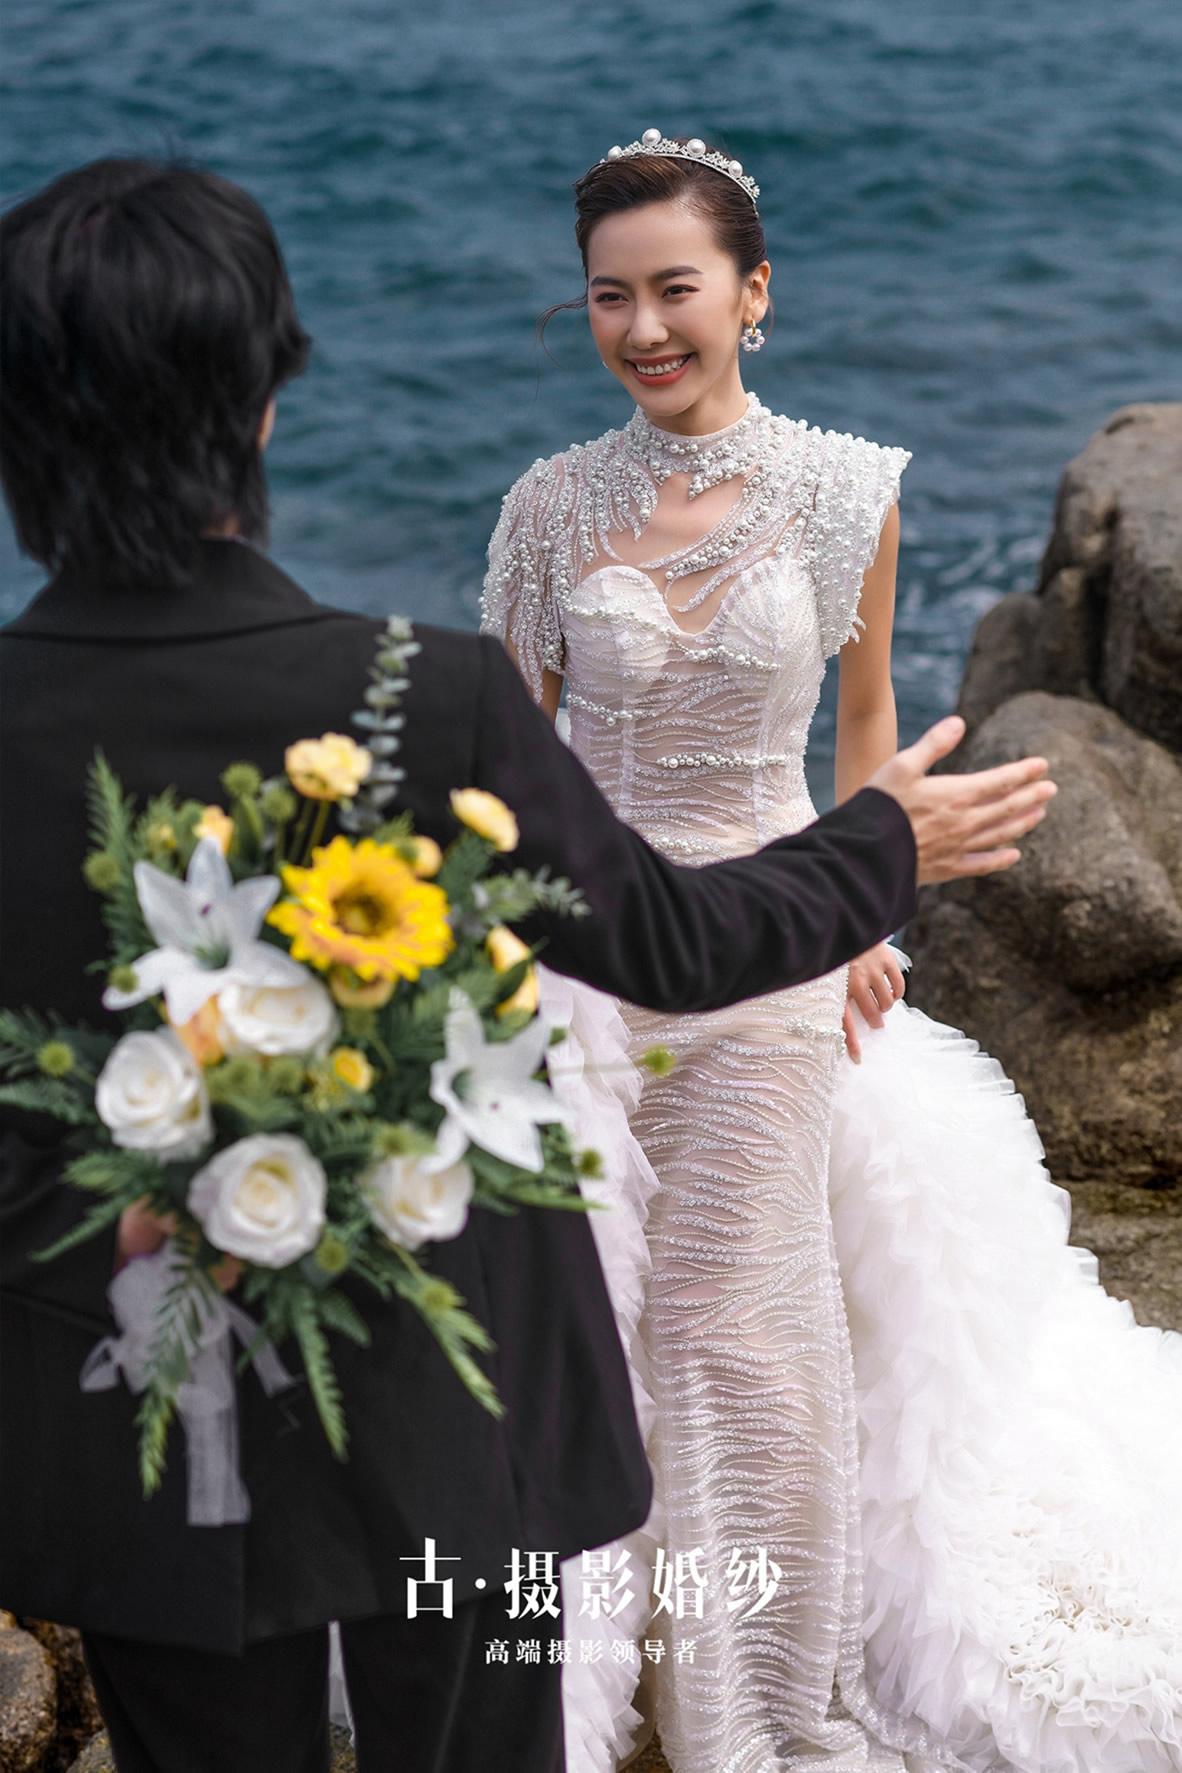 上川岛《指尖繁星》 - 拍摄地 - 广州婚纱摄影-广州古摄影官网